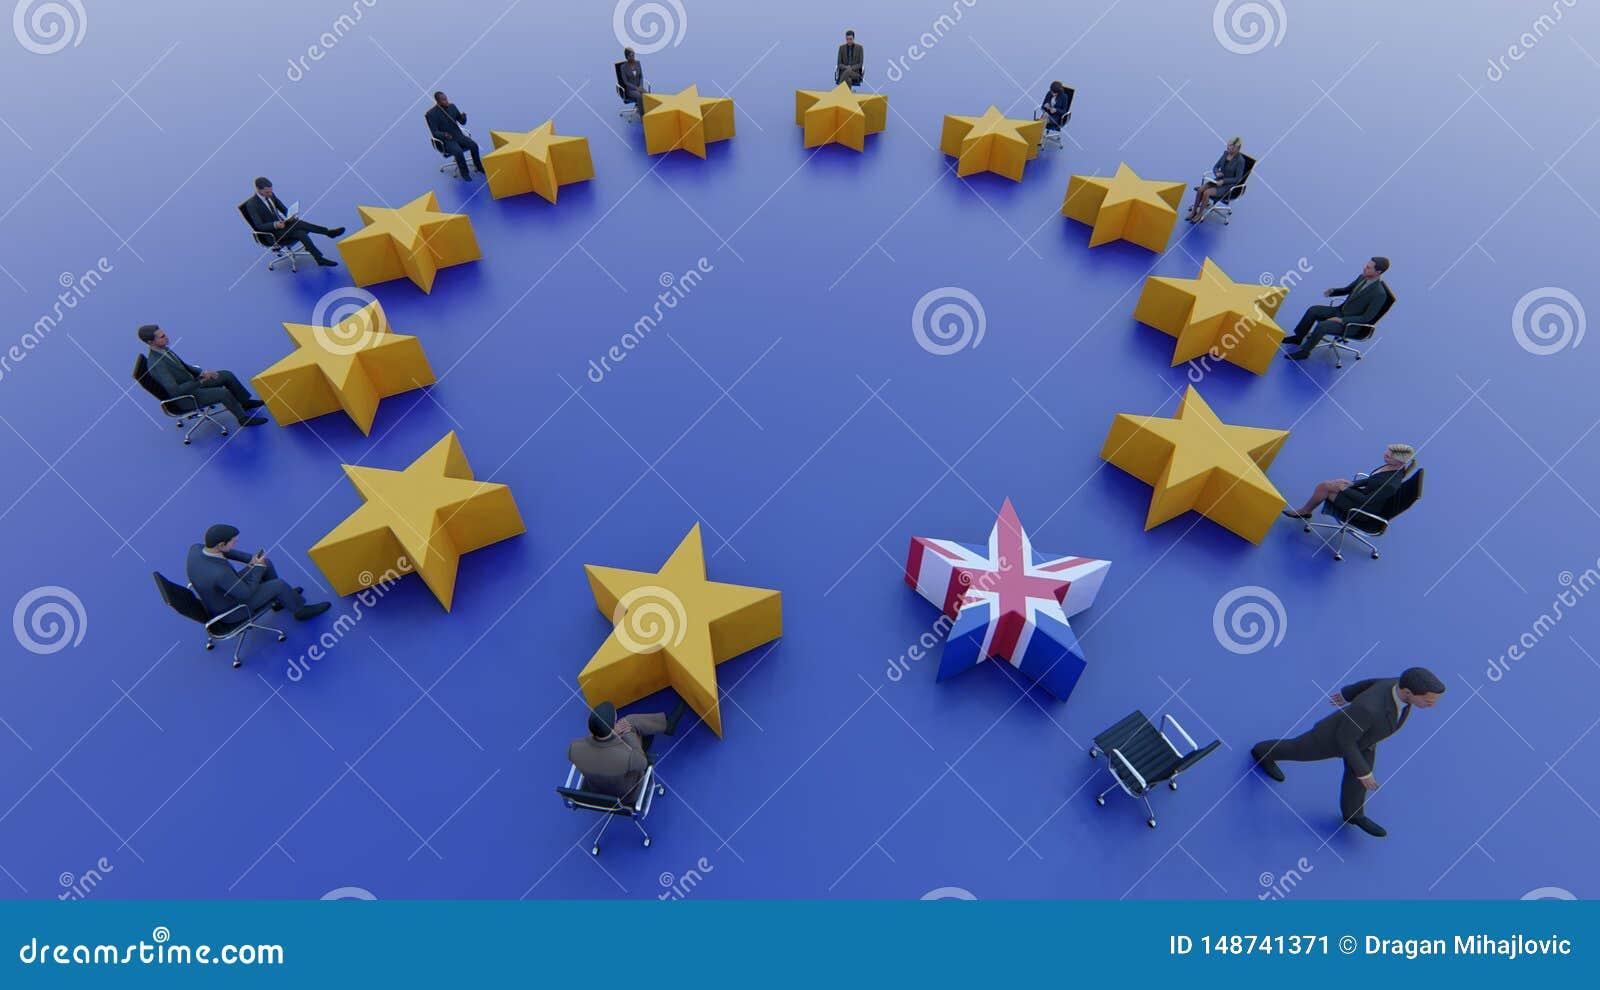 Políticos de la bandera de unión europea sentarse y discutir sobre Brexit en el parlamento